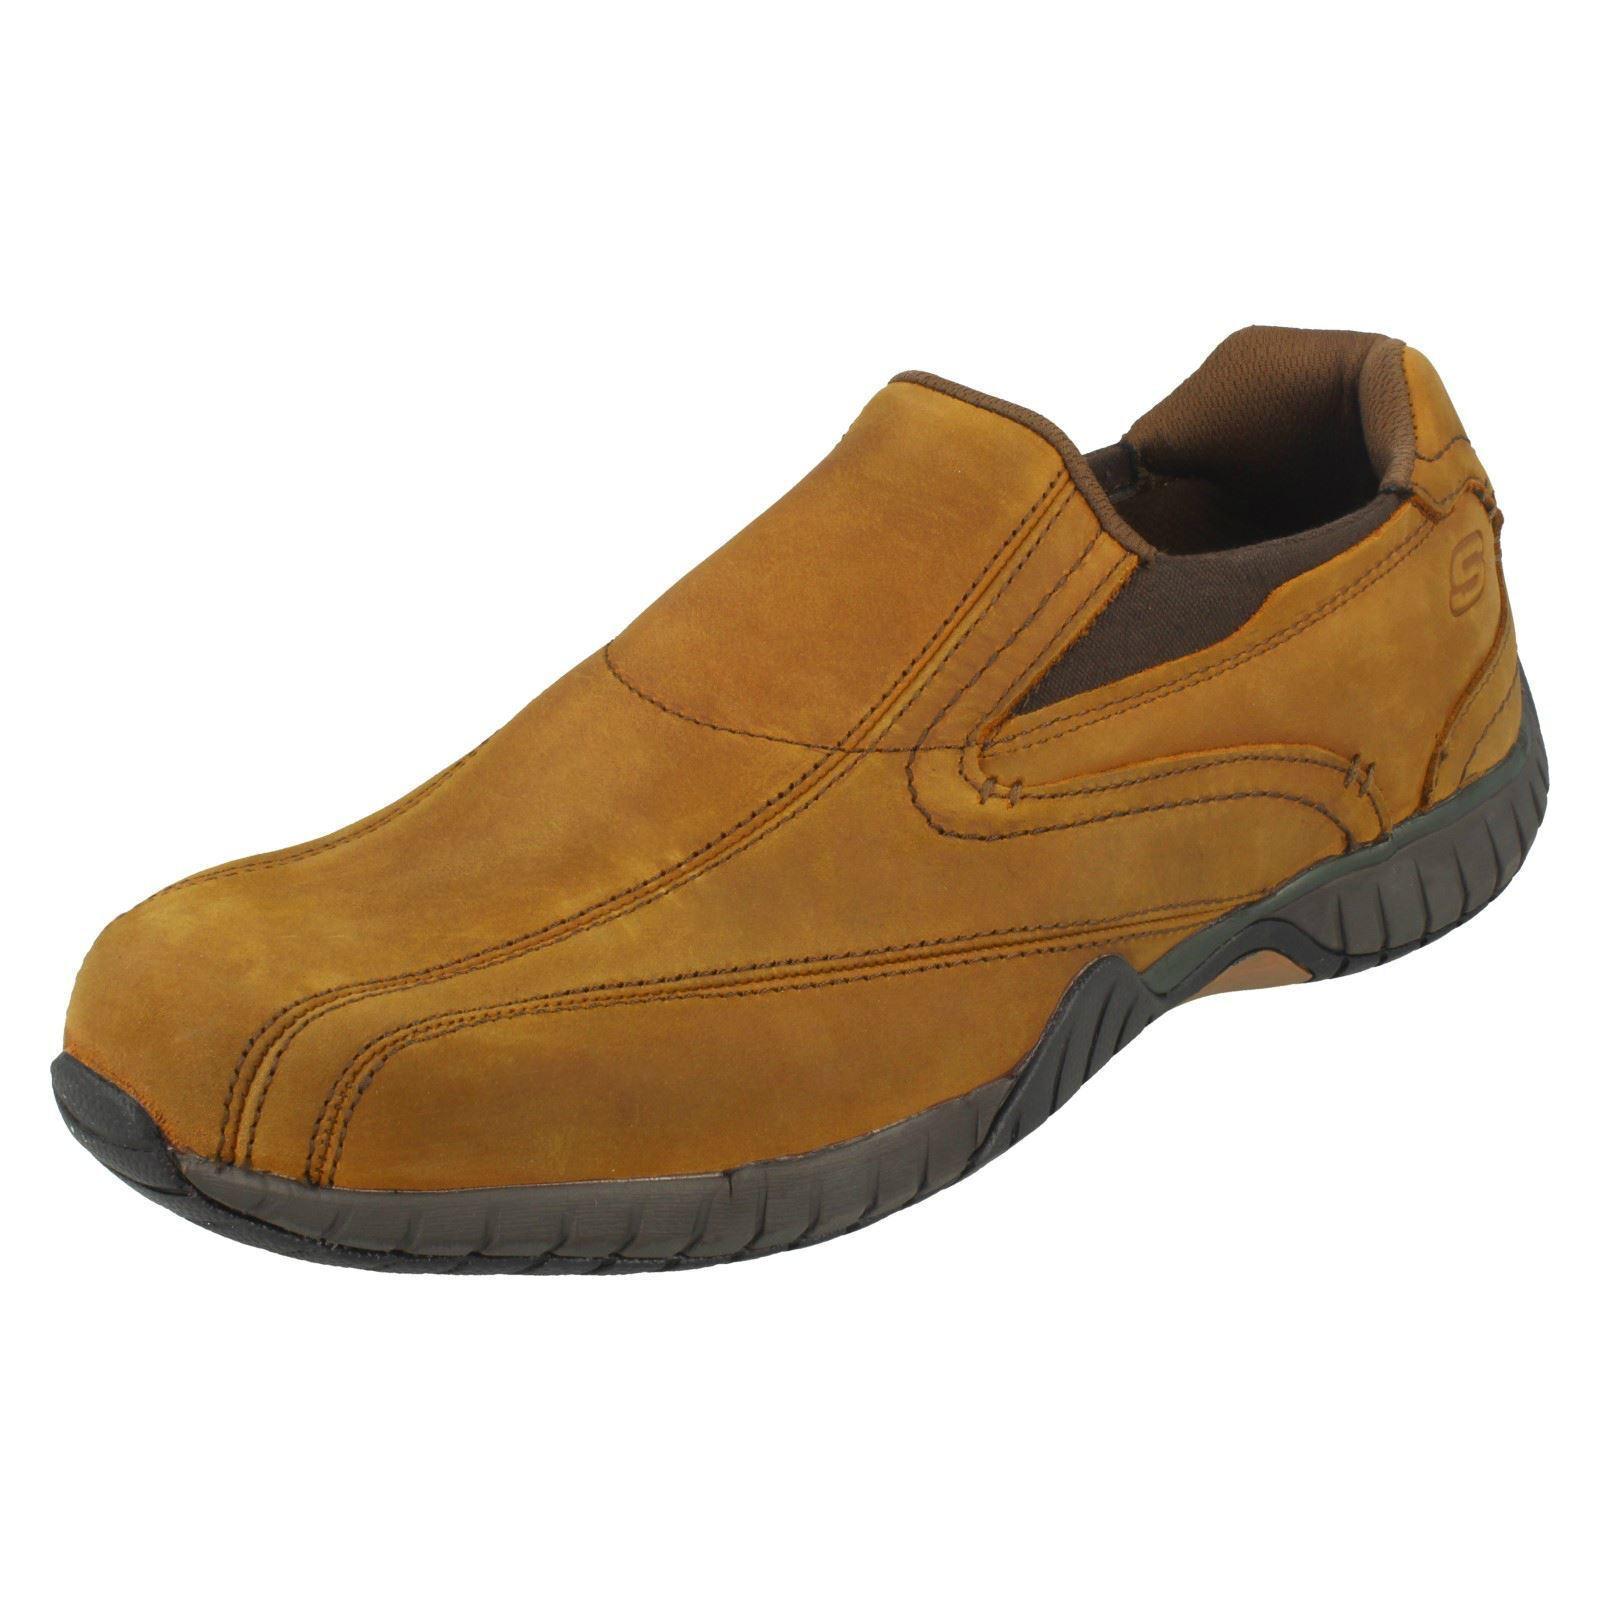 Los zapatos más populares para hombres y mujeres Hombre Skechers Zapatillas Sin Cordones Zapatos de Diario BASCOM